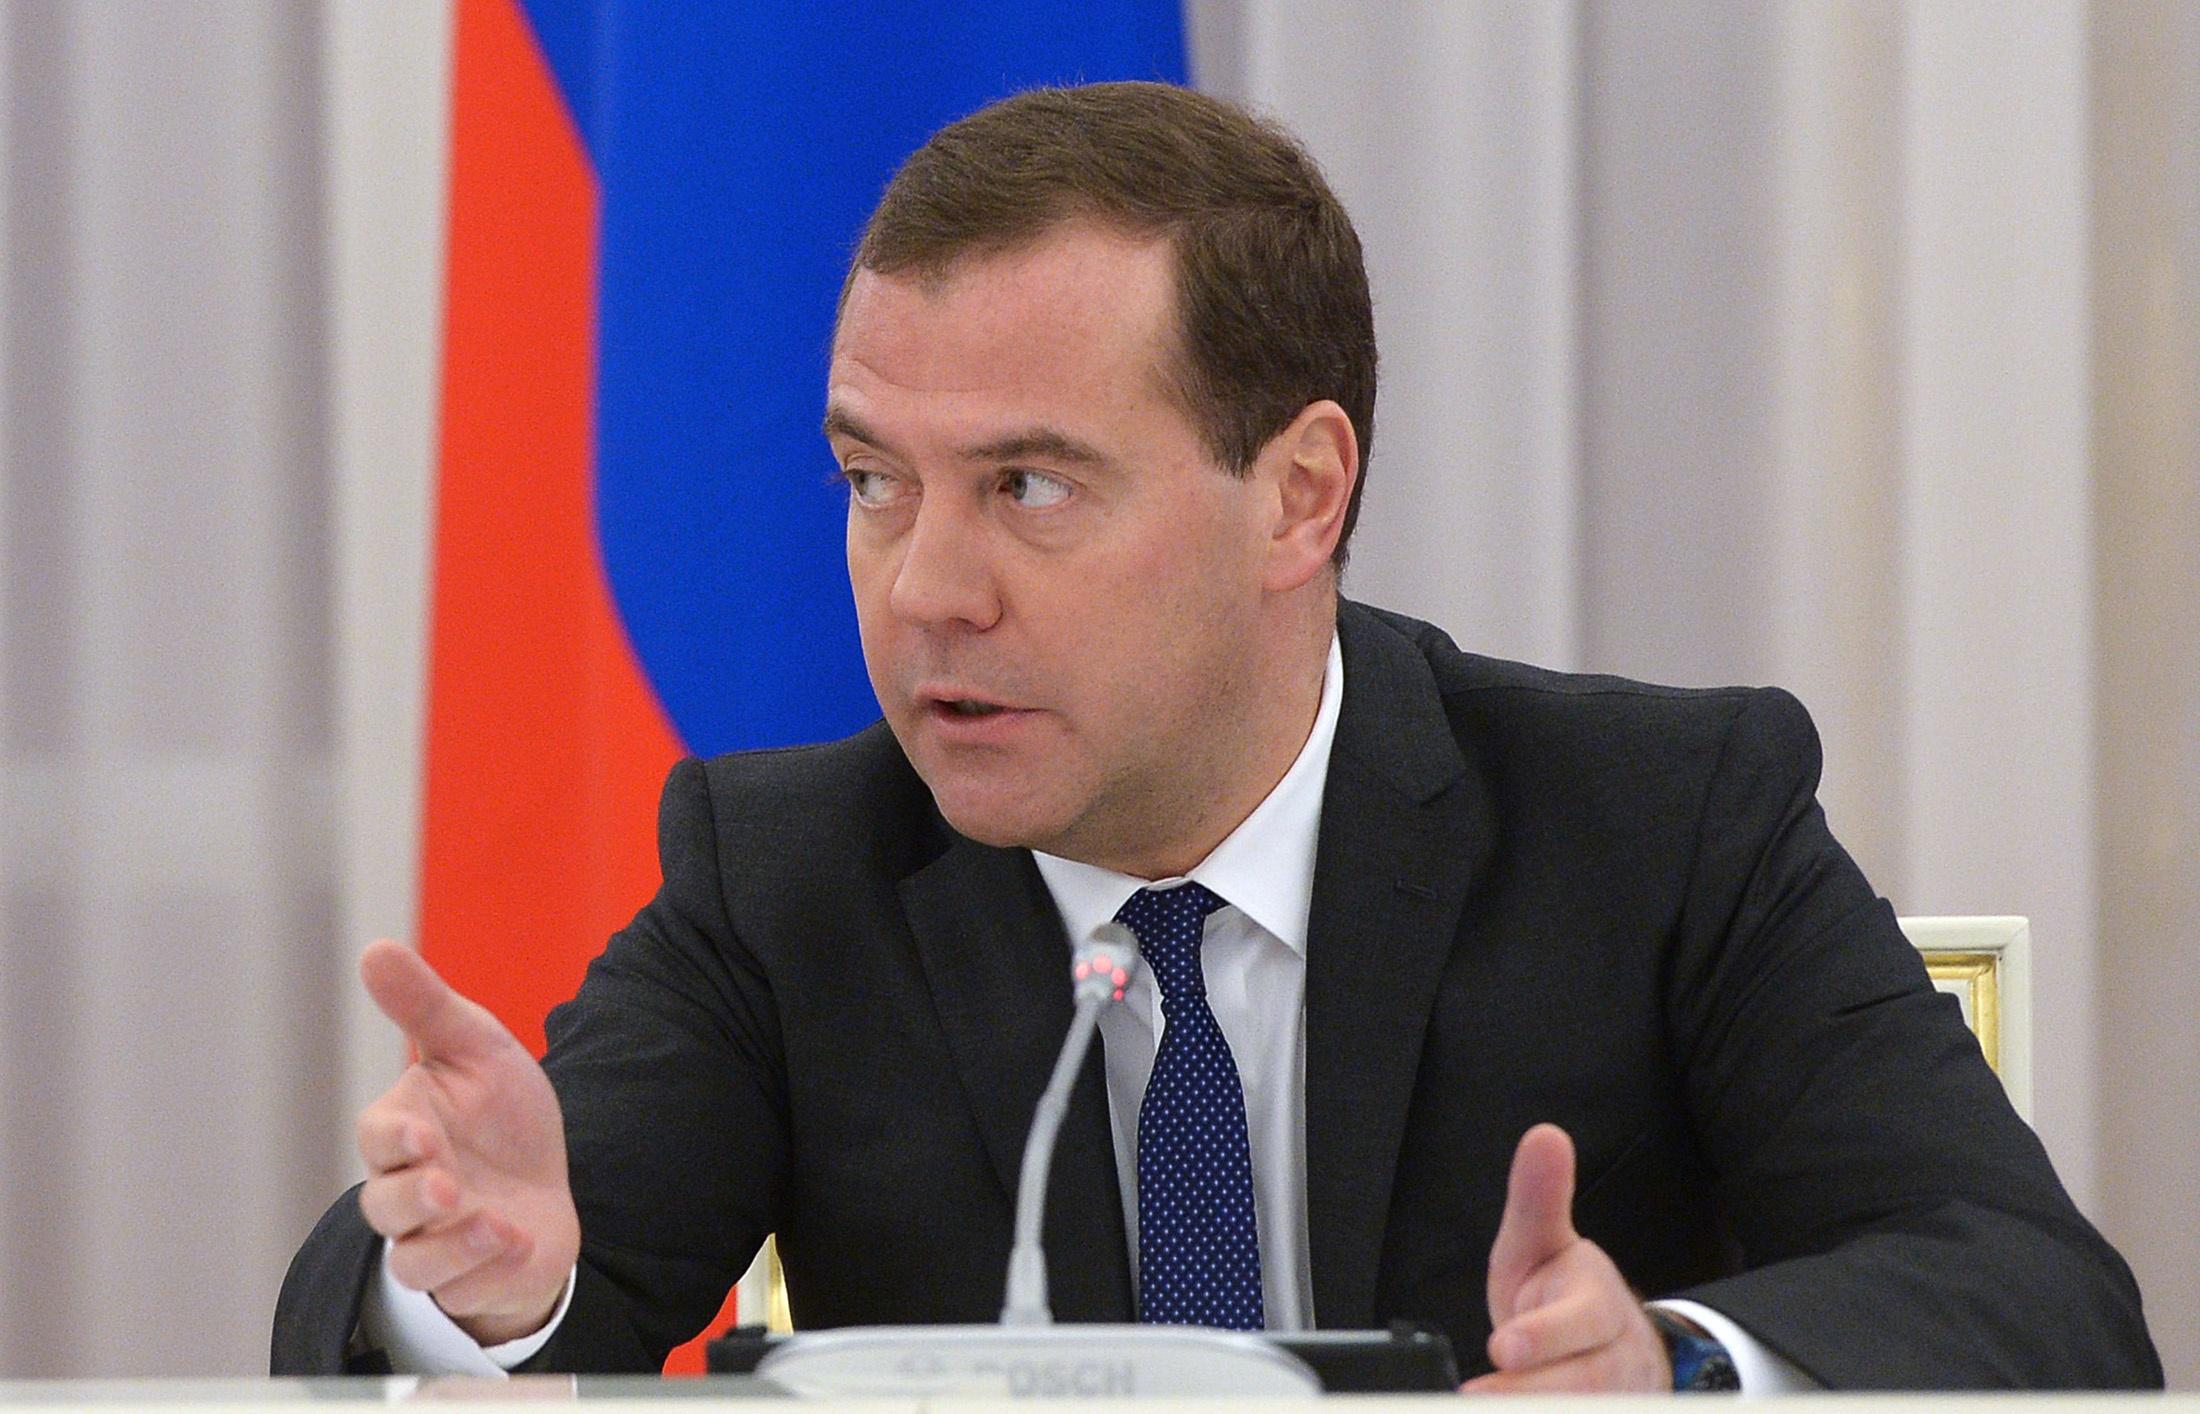 Медведев допустил возможность разрыва Россией дипотношений с Украиной